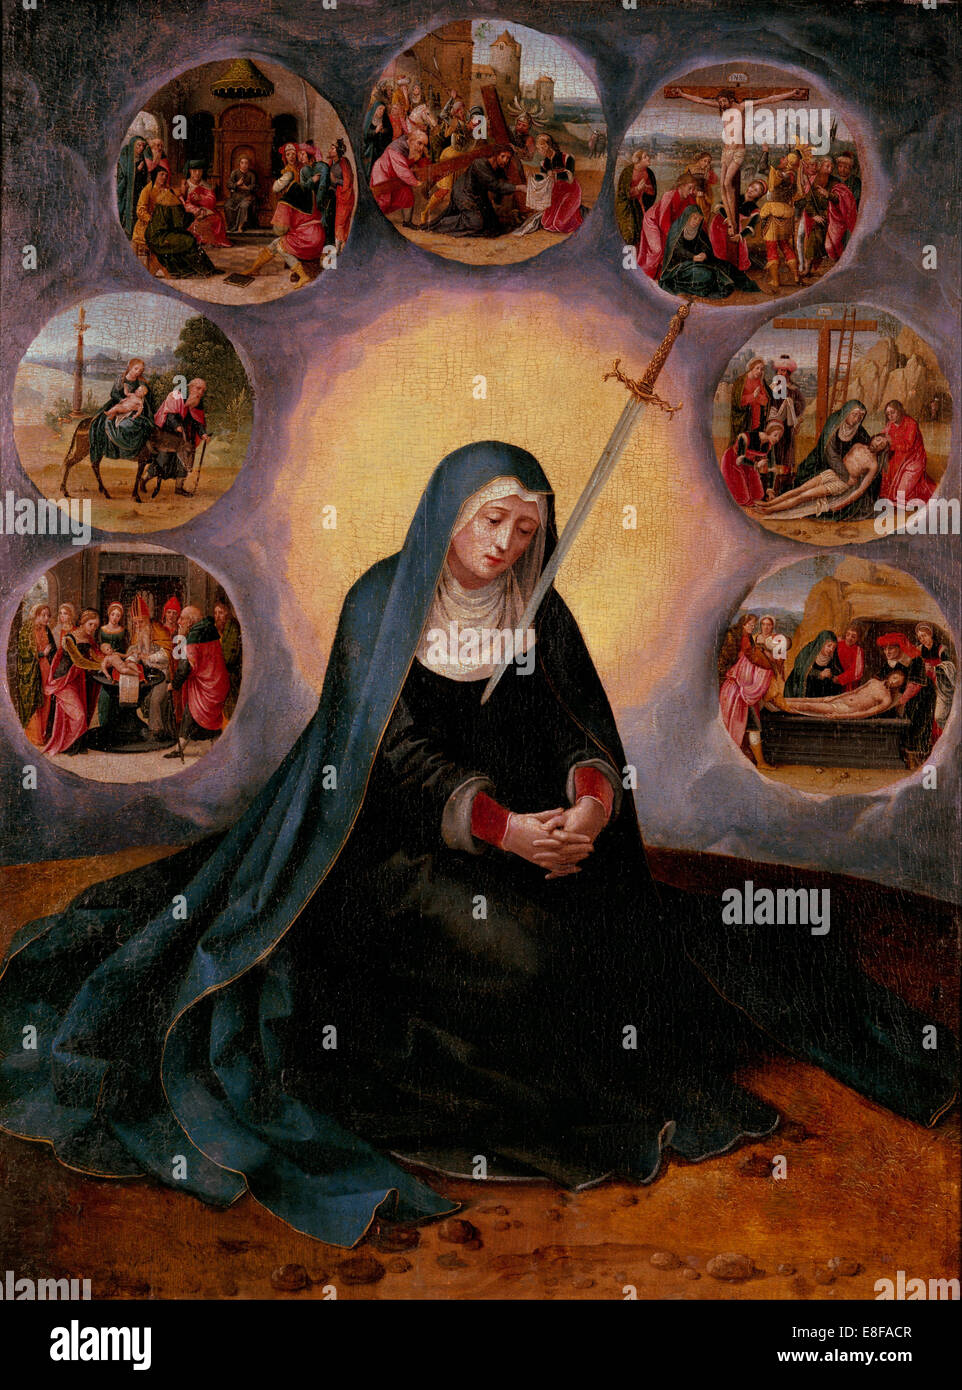 La Madonna dei Sette Dolori. Artista: Master della femmina Half-Lengths (prima metà del XVI secolo). Immagini Stock